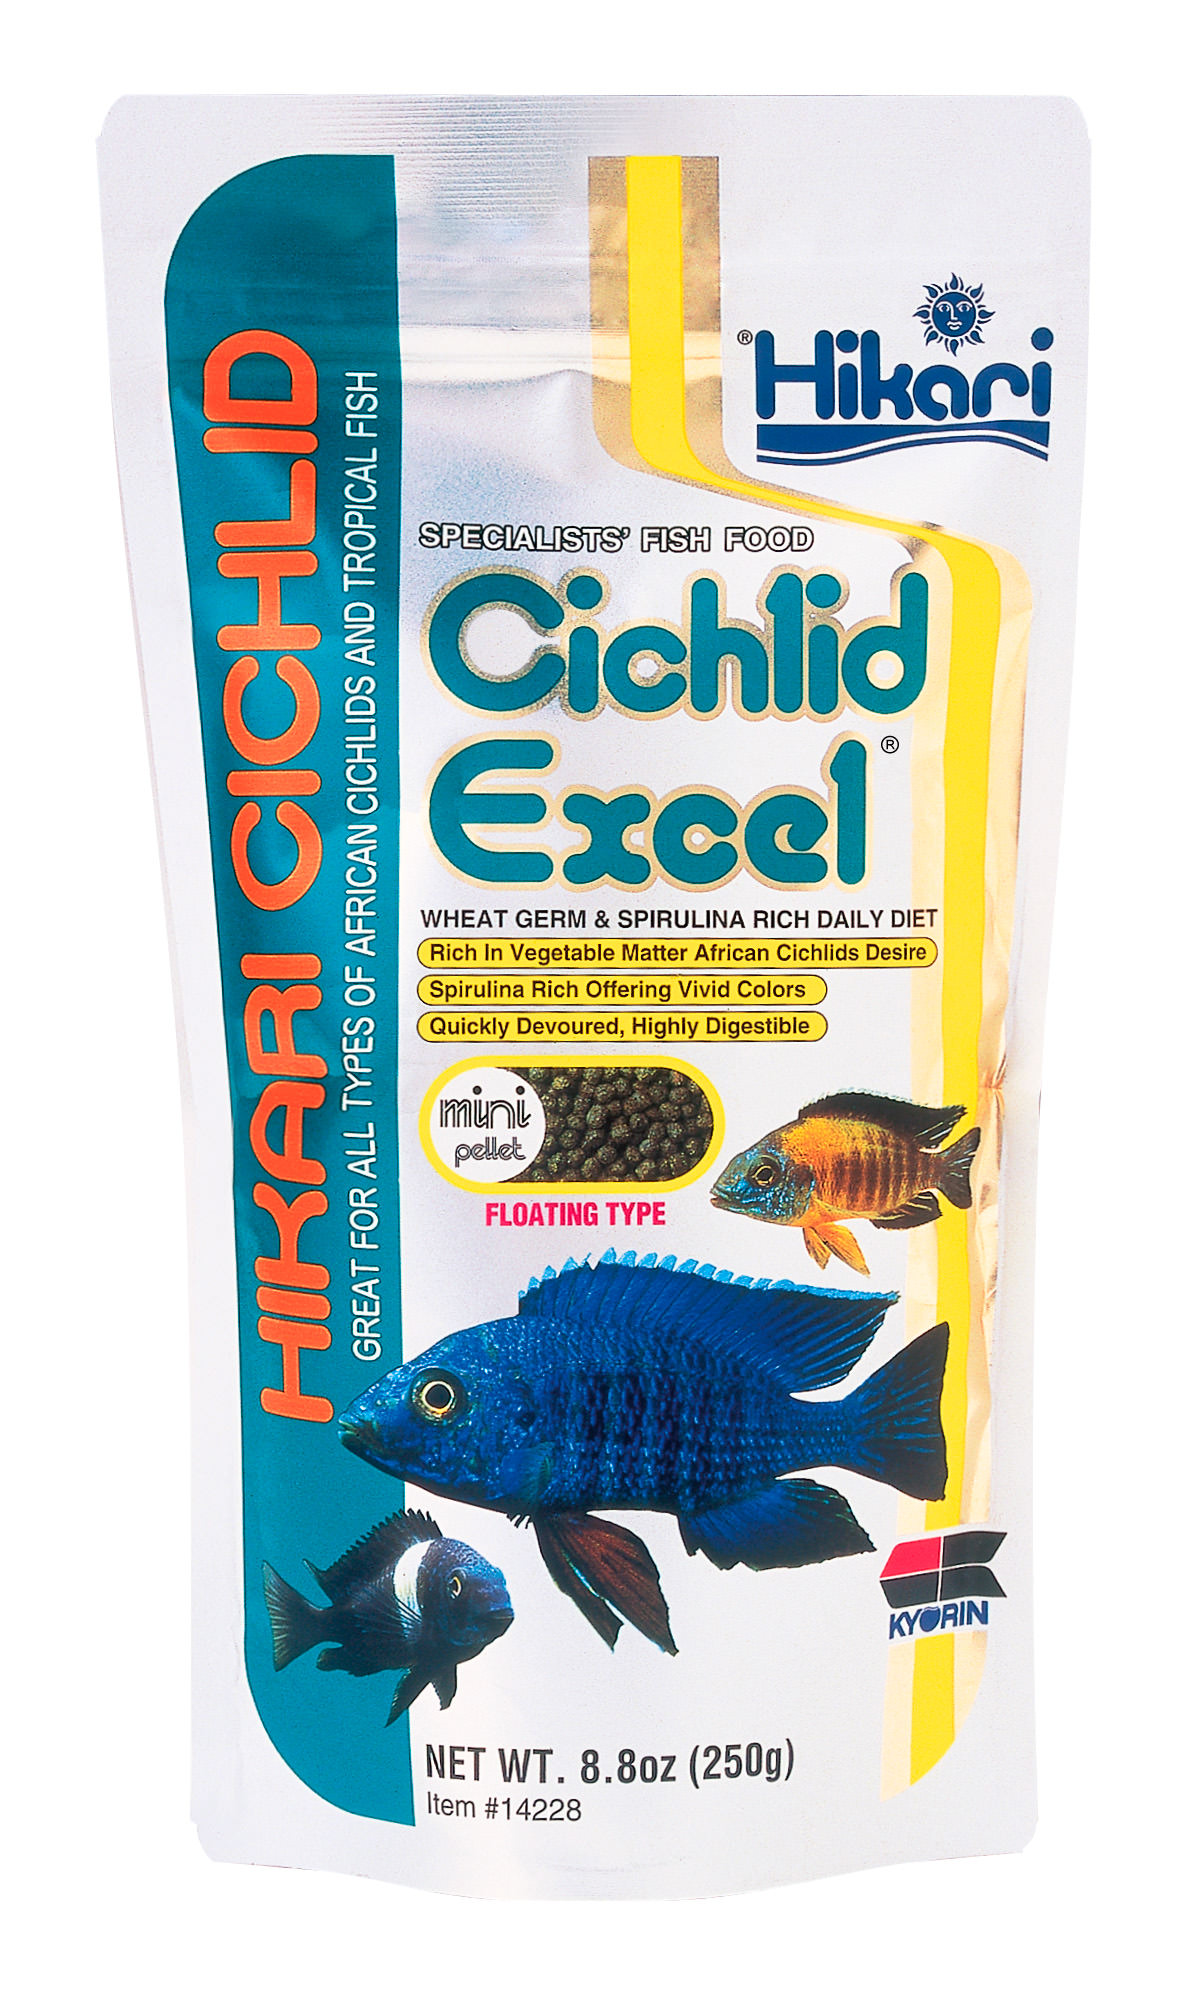 Hikari Cichlid Excel Herbivorous Fish Food, 2-oz